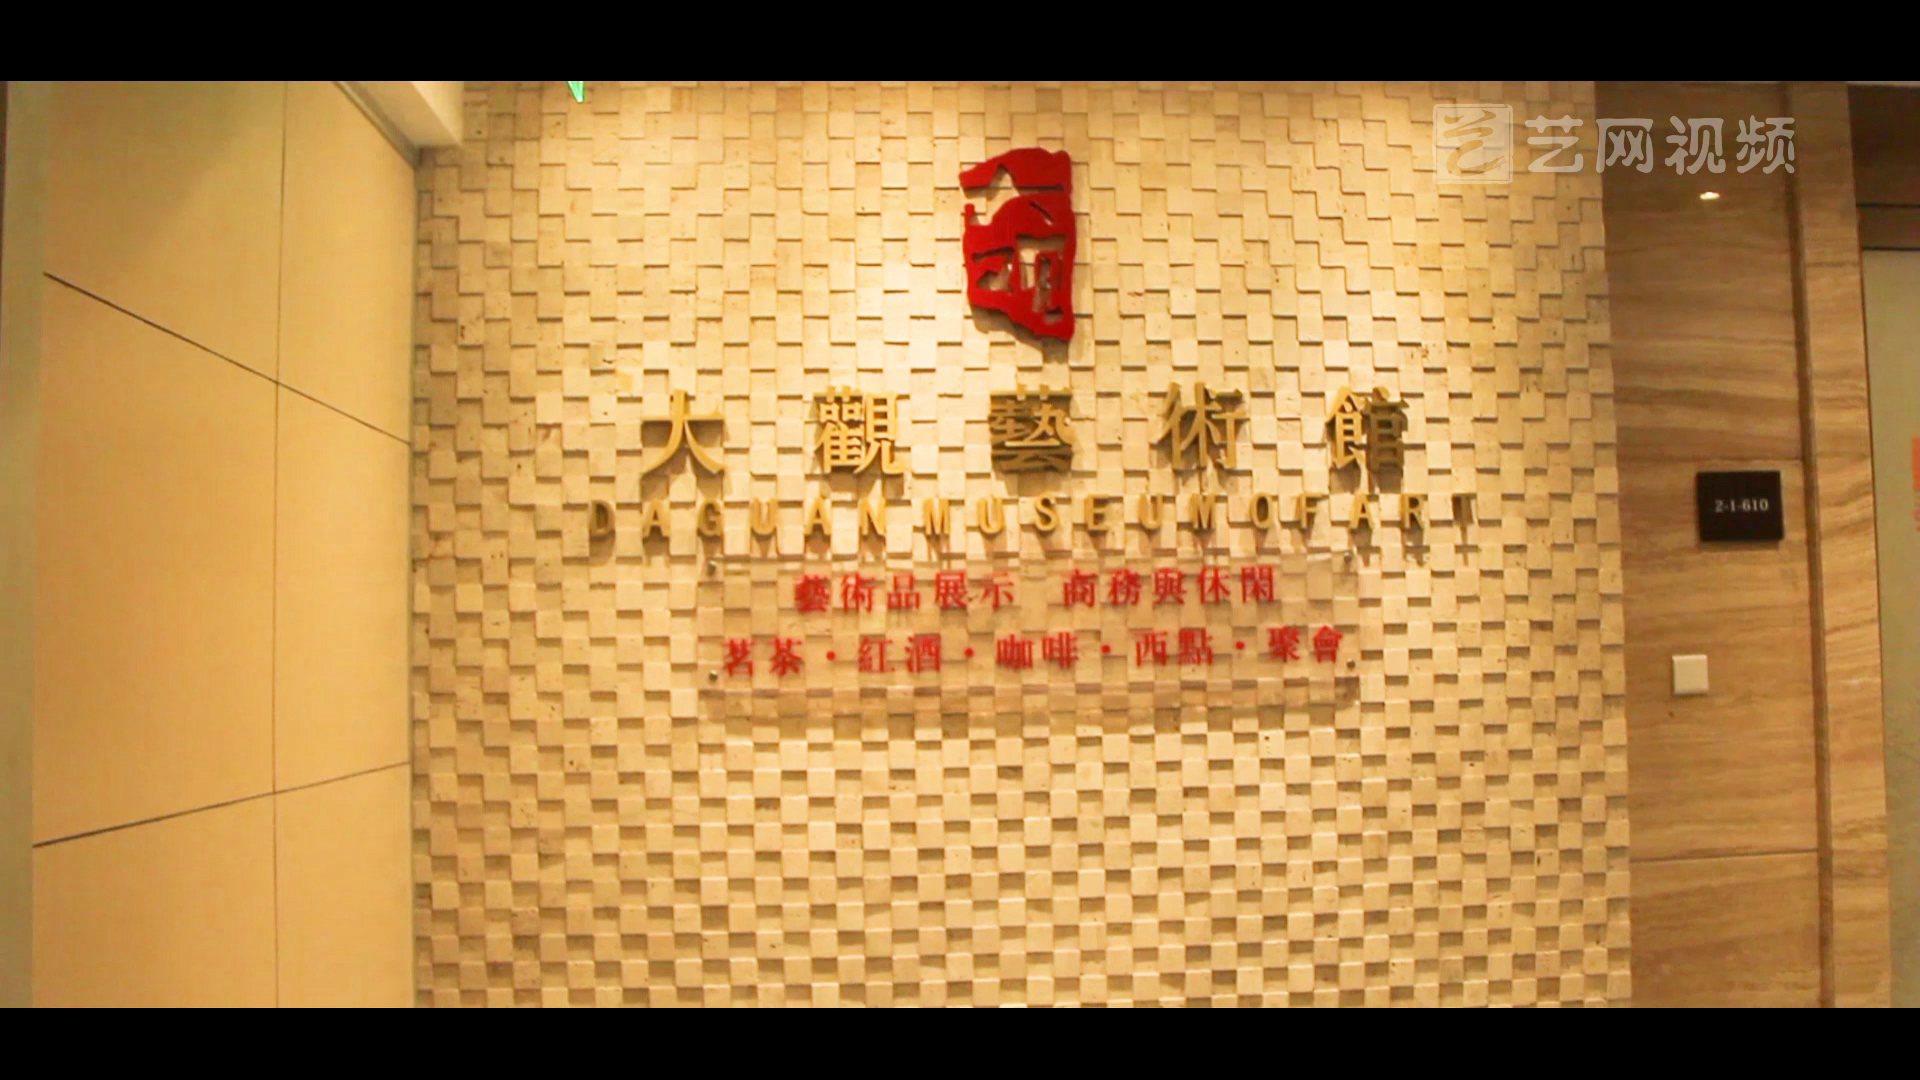 河南新文艺组织展播 | 大观文艺馆